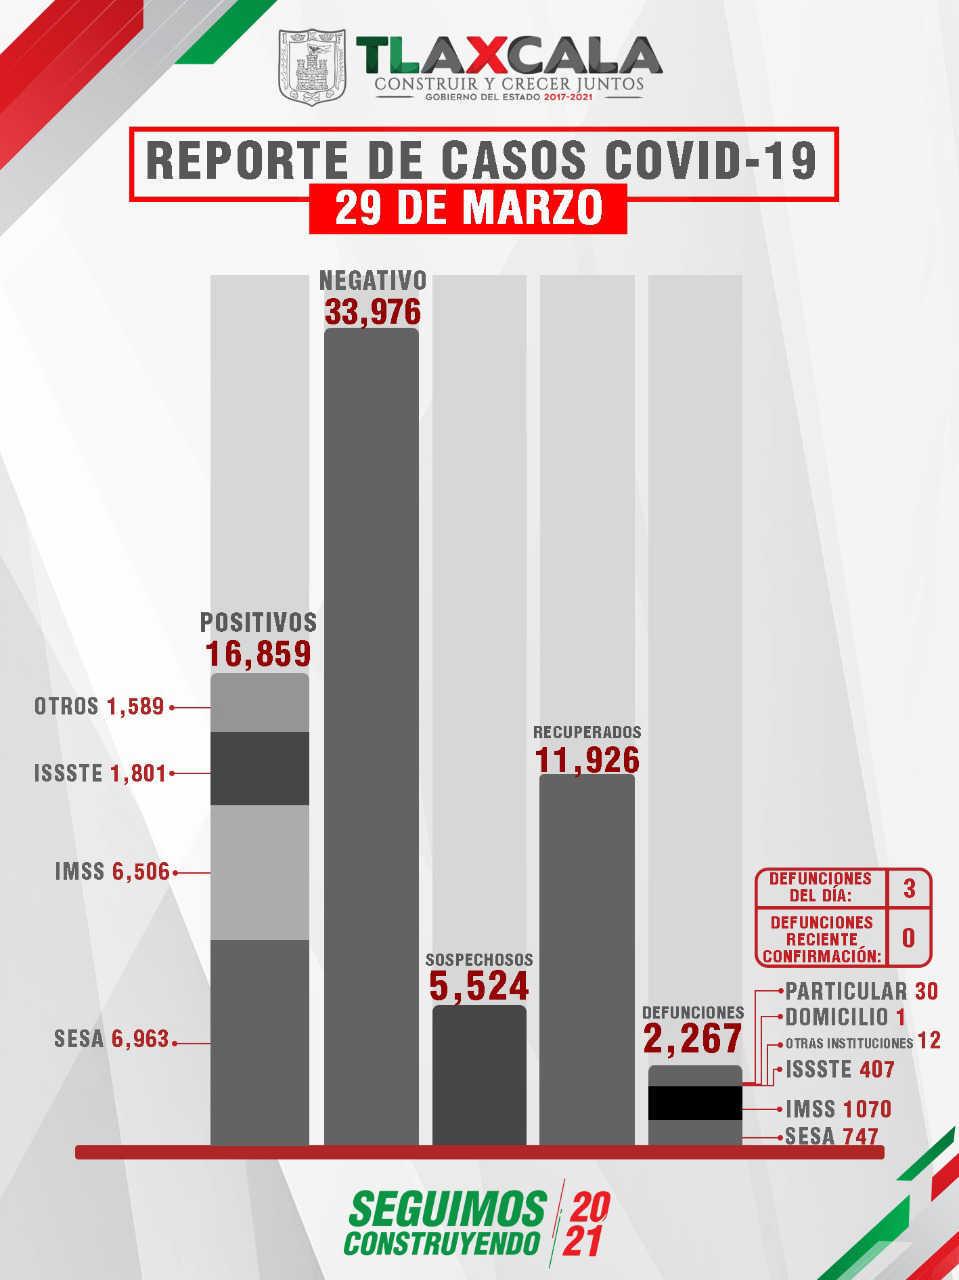 Confirma SESA  3 defunciones y 21 casos positivos en Tlaxcala de Covid-19